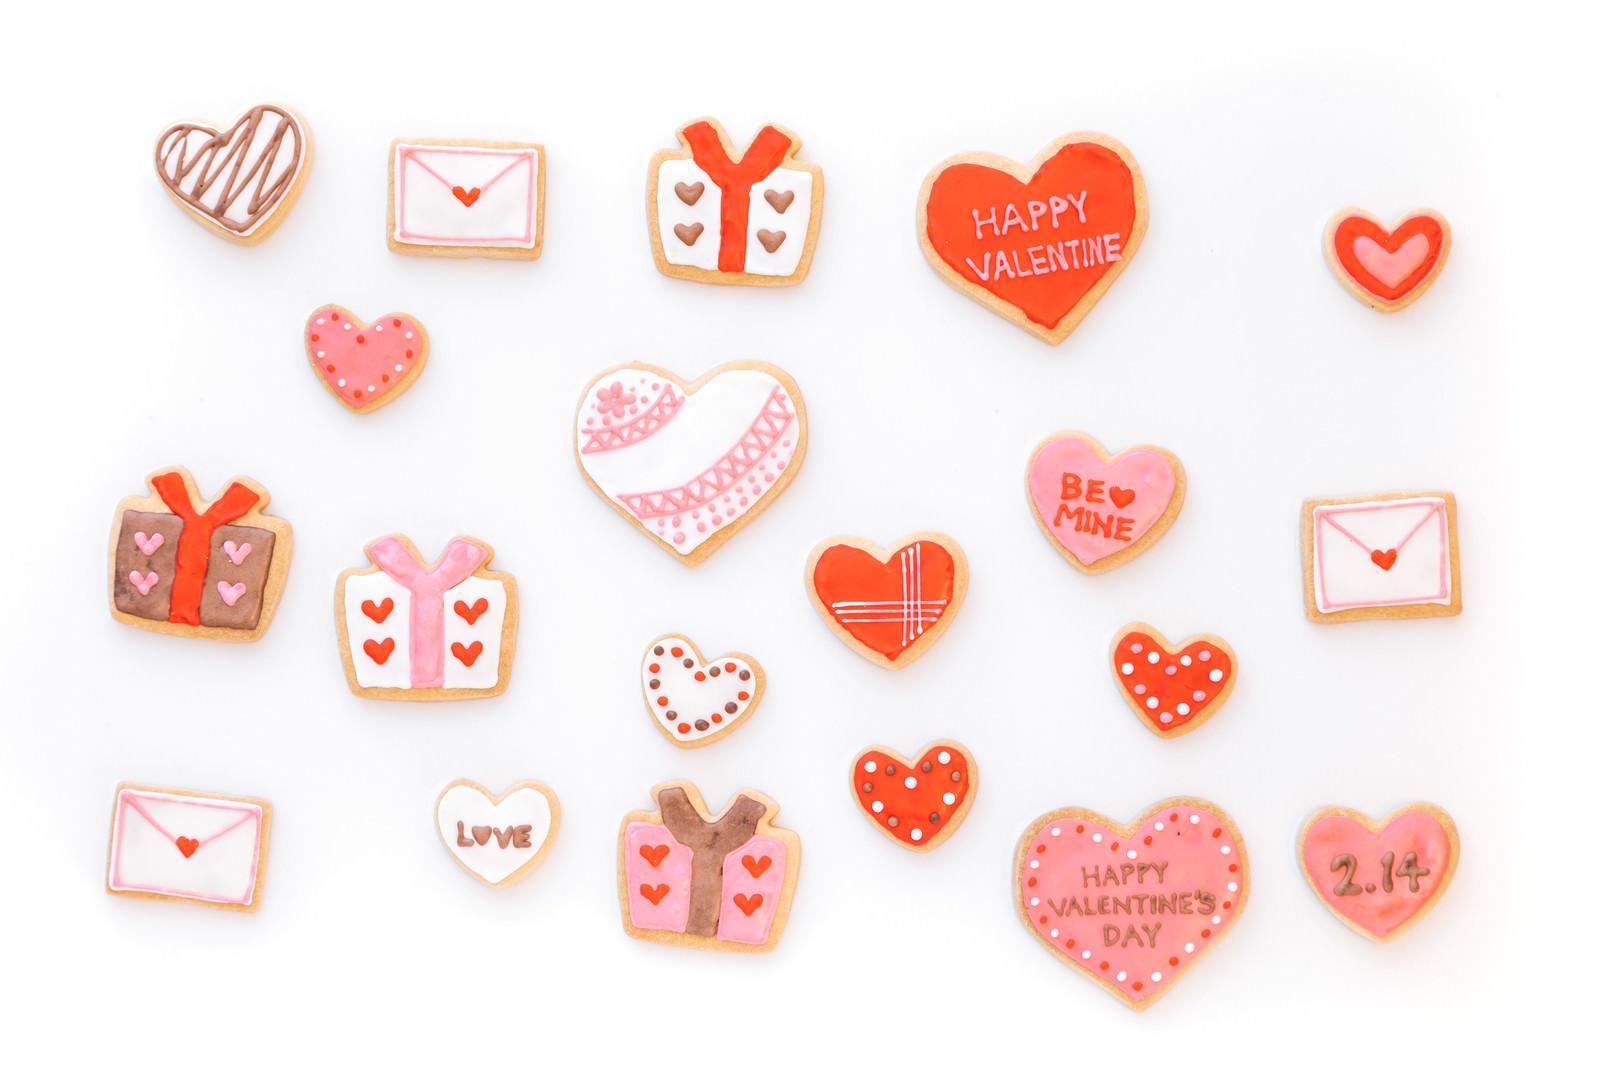 「バレンタインに使いやすいハートのクッキー」の写真